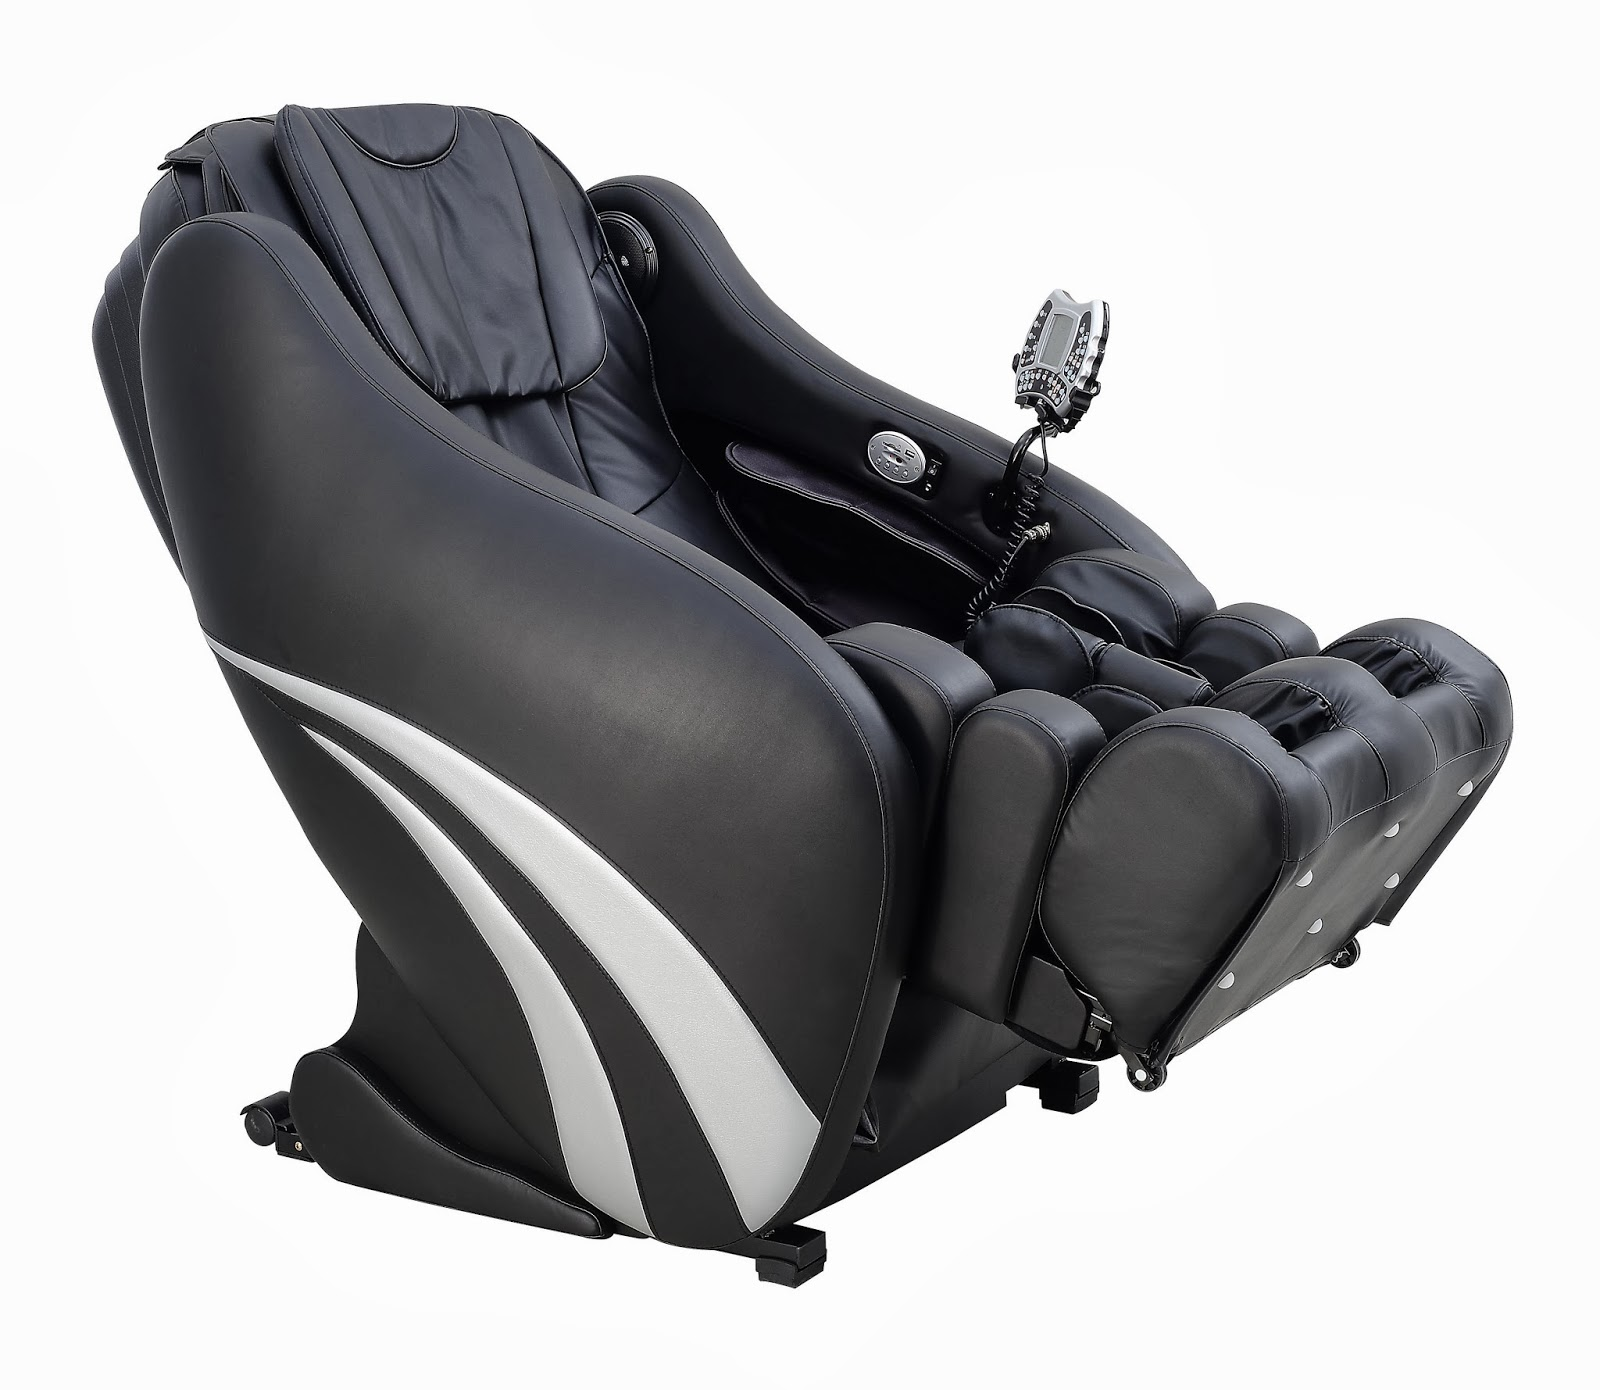 keyton massagesessel test und vergleich sonderpreis zum verkaufsstart multifunktions. Black Bedroom Furniture Sets. Home Design Ideas